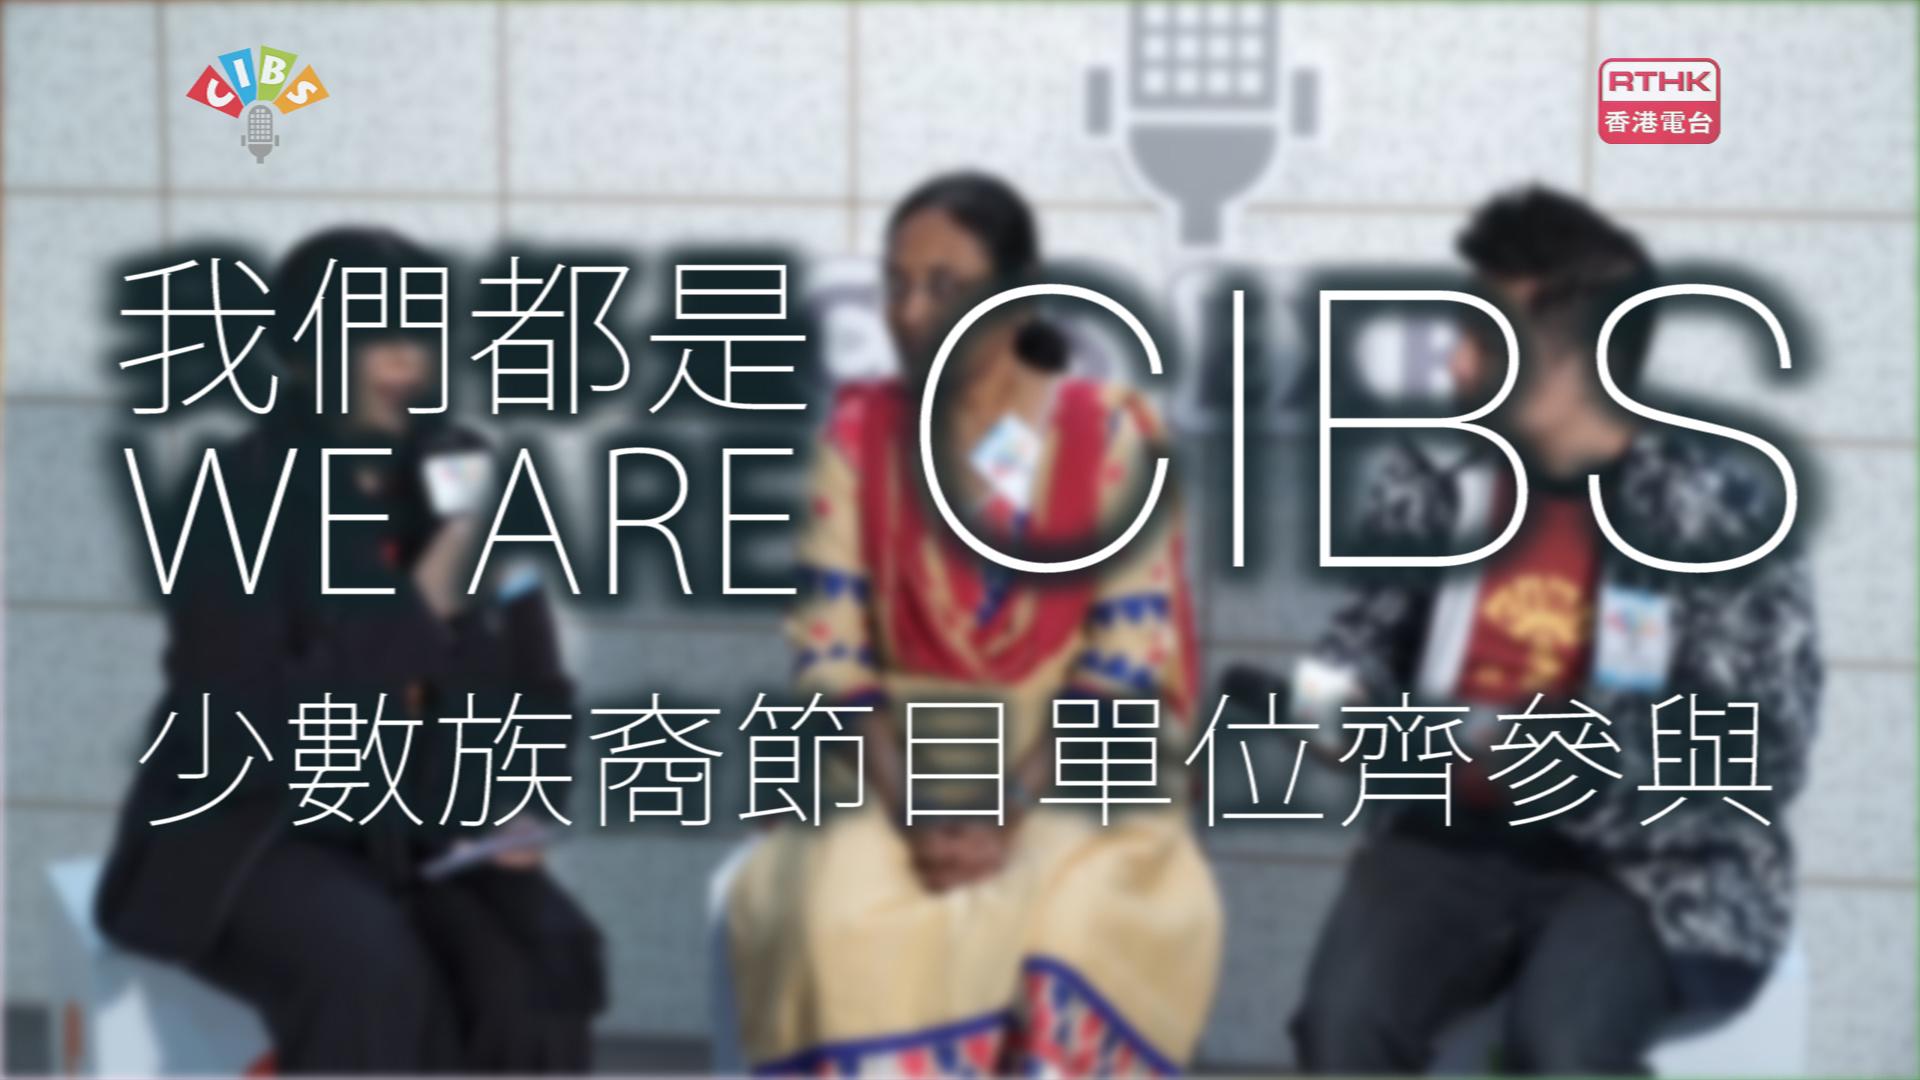 CIBS EXPO III - 我们都是CIBS表演分享会(少数族裔)